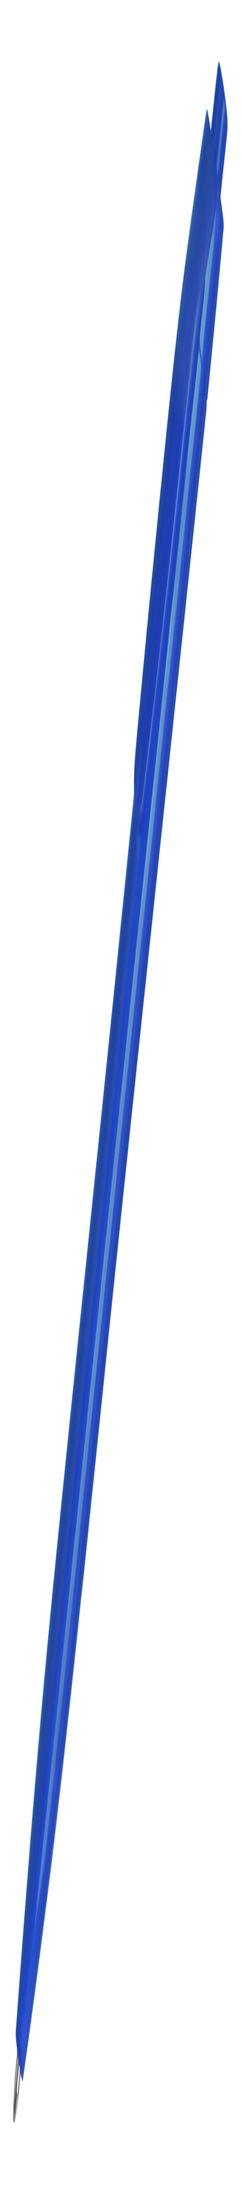 Ручка шариковая N6 фото